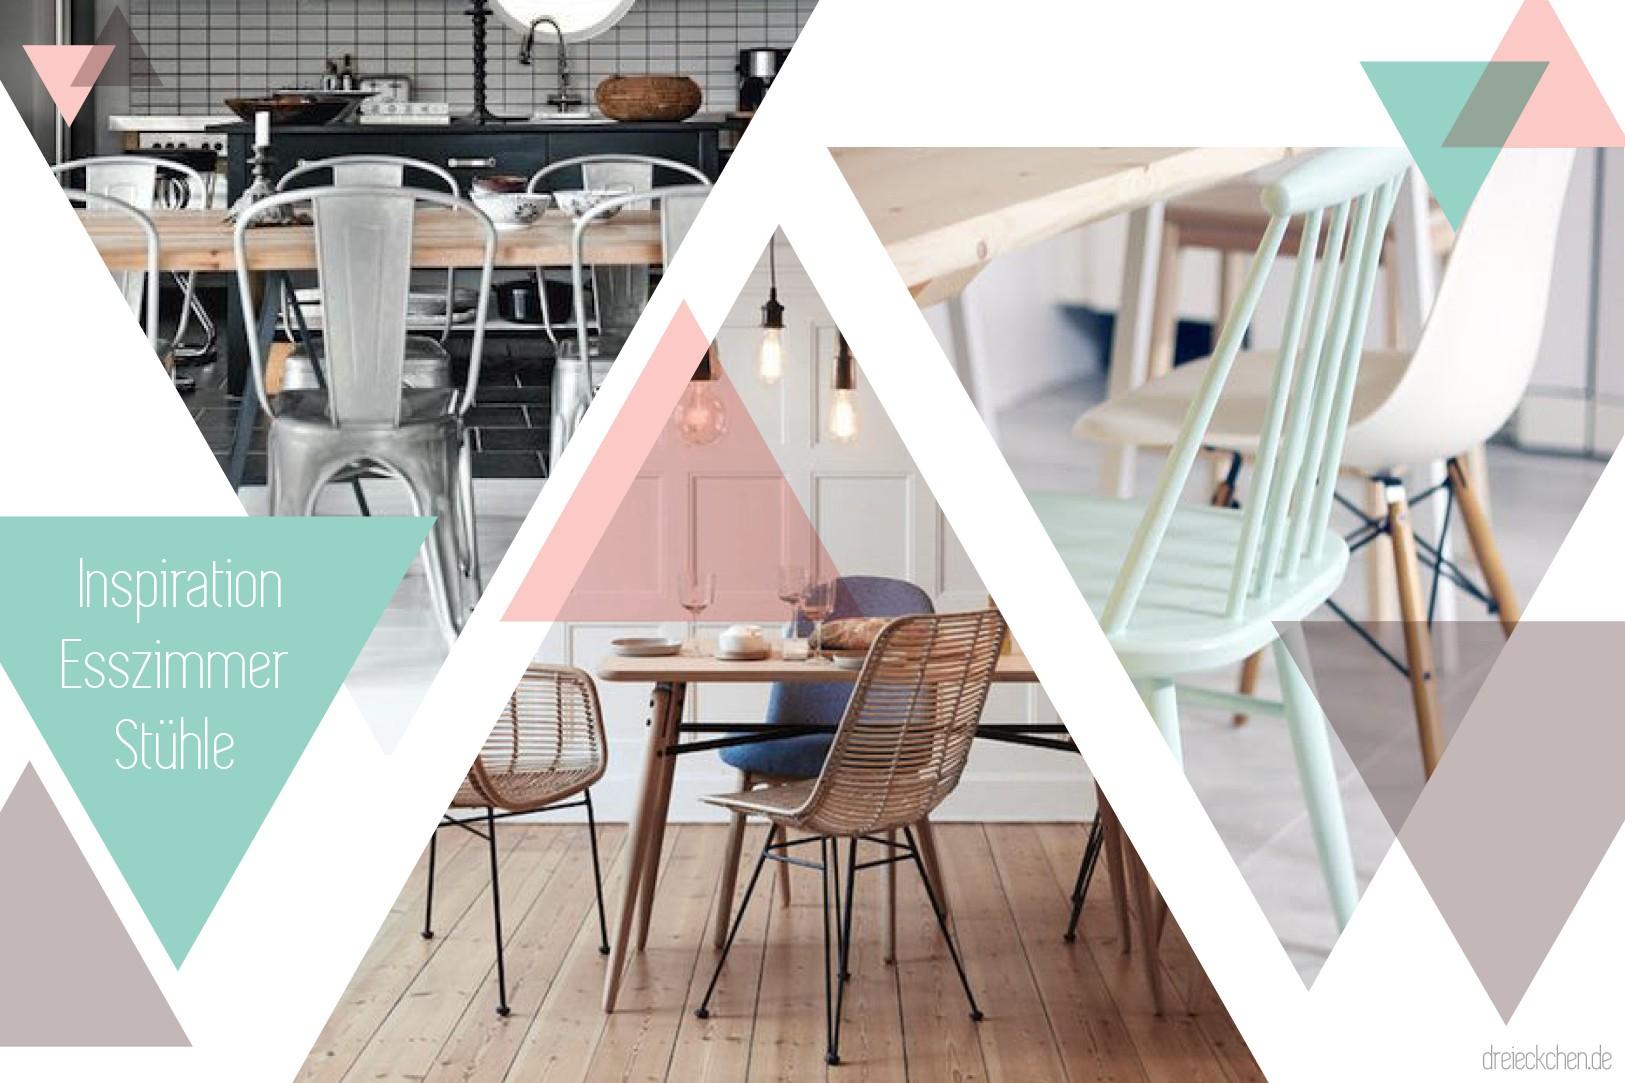 Wohnungs Inspiration wohnungs umstyling inspirationen für neue esszimmer stühle